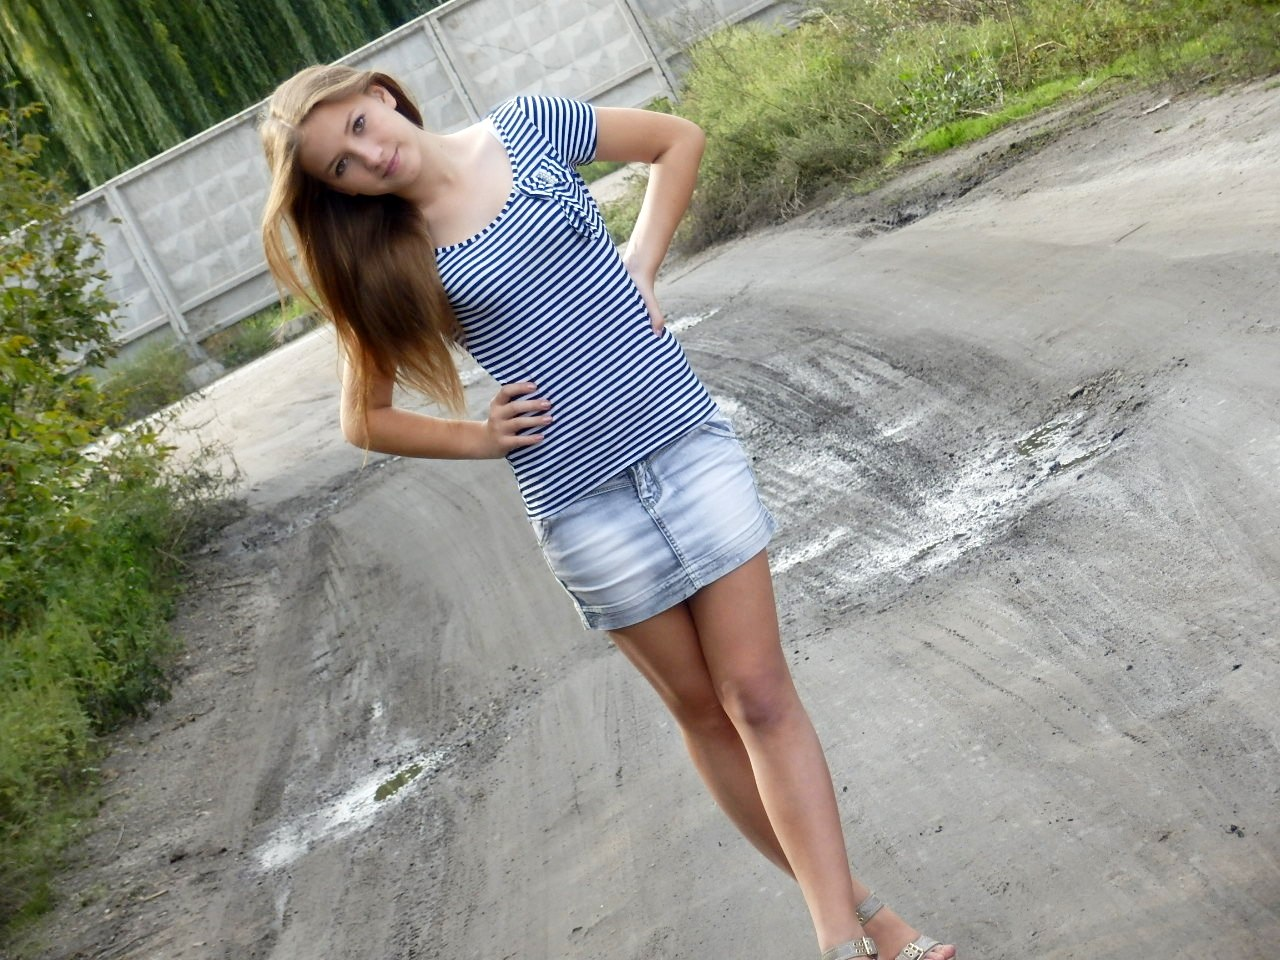 Фото девушка в джинсовой юбке 24 фотография